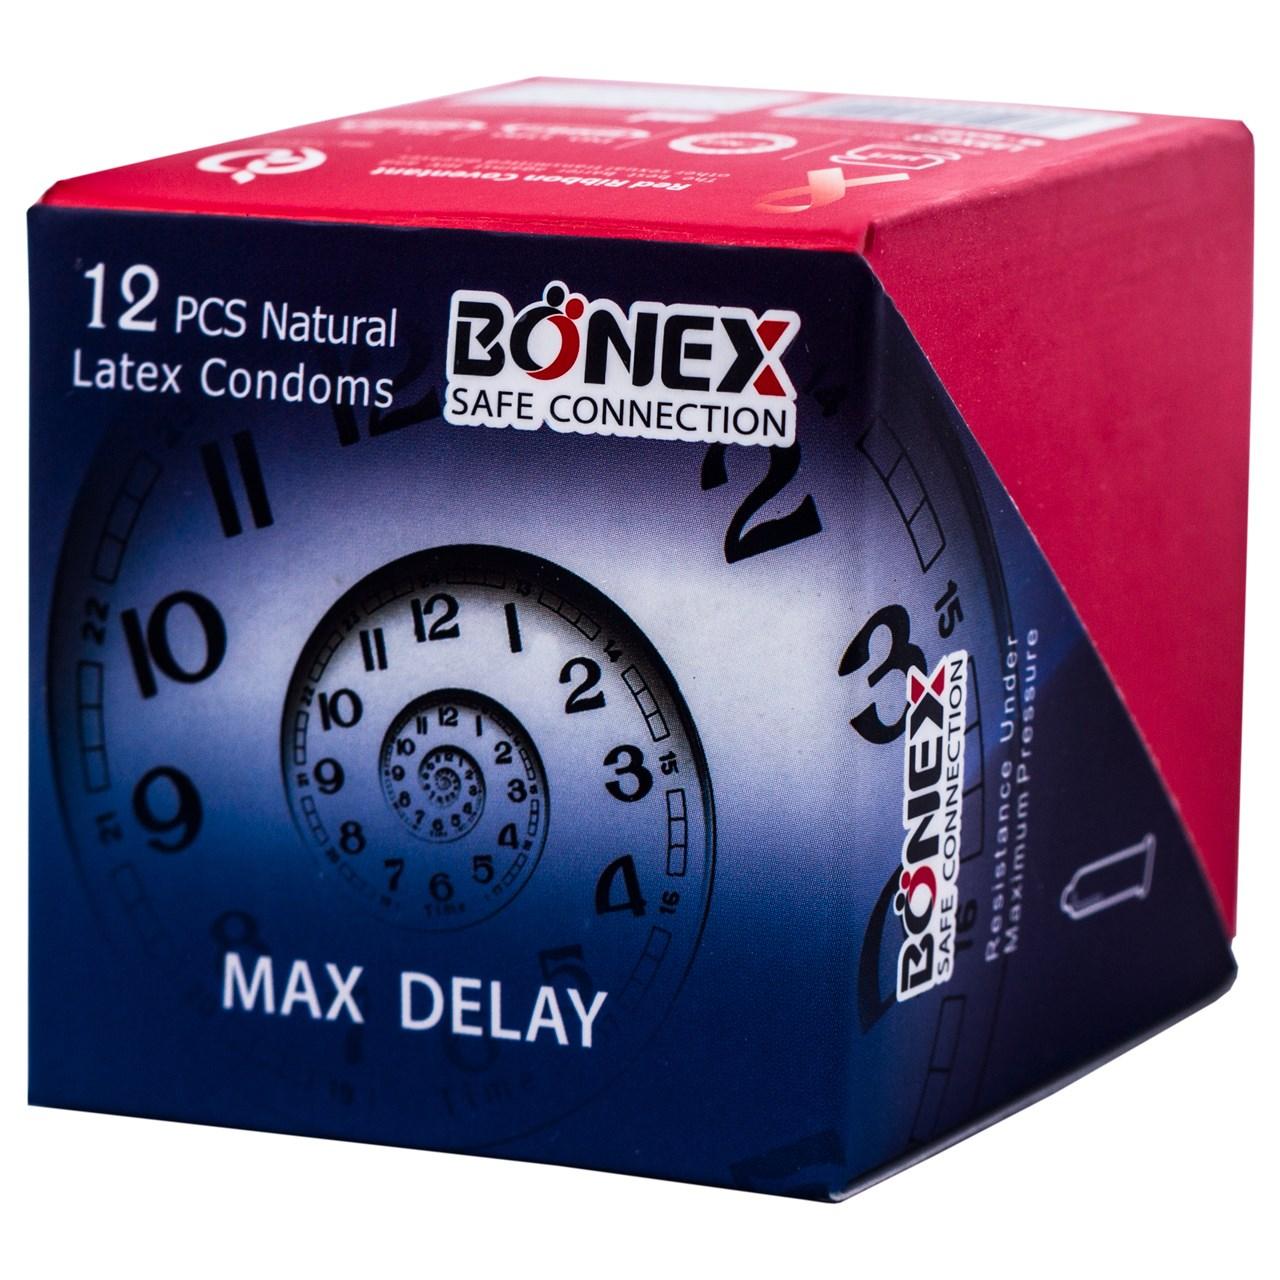 قیمت کاندوم بونکس مدل maxdelay بسته 12 عددی